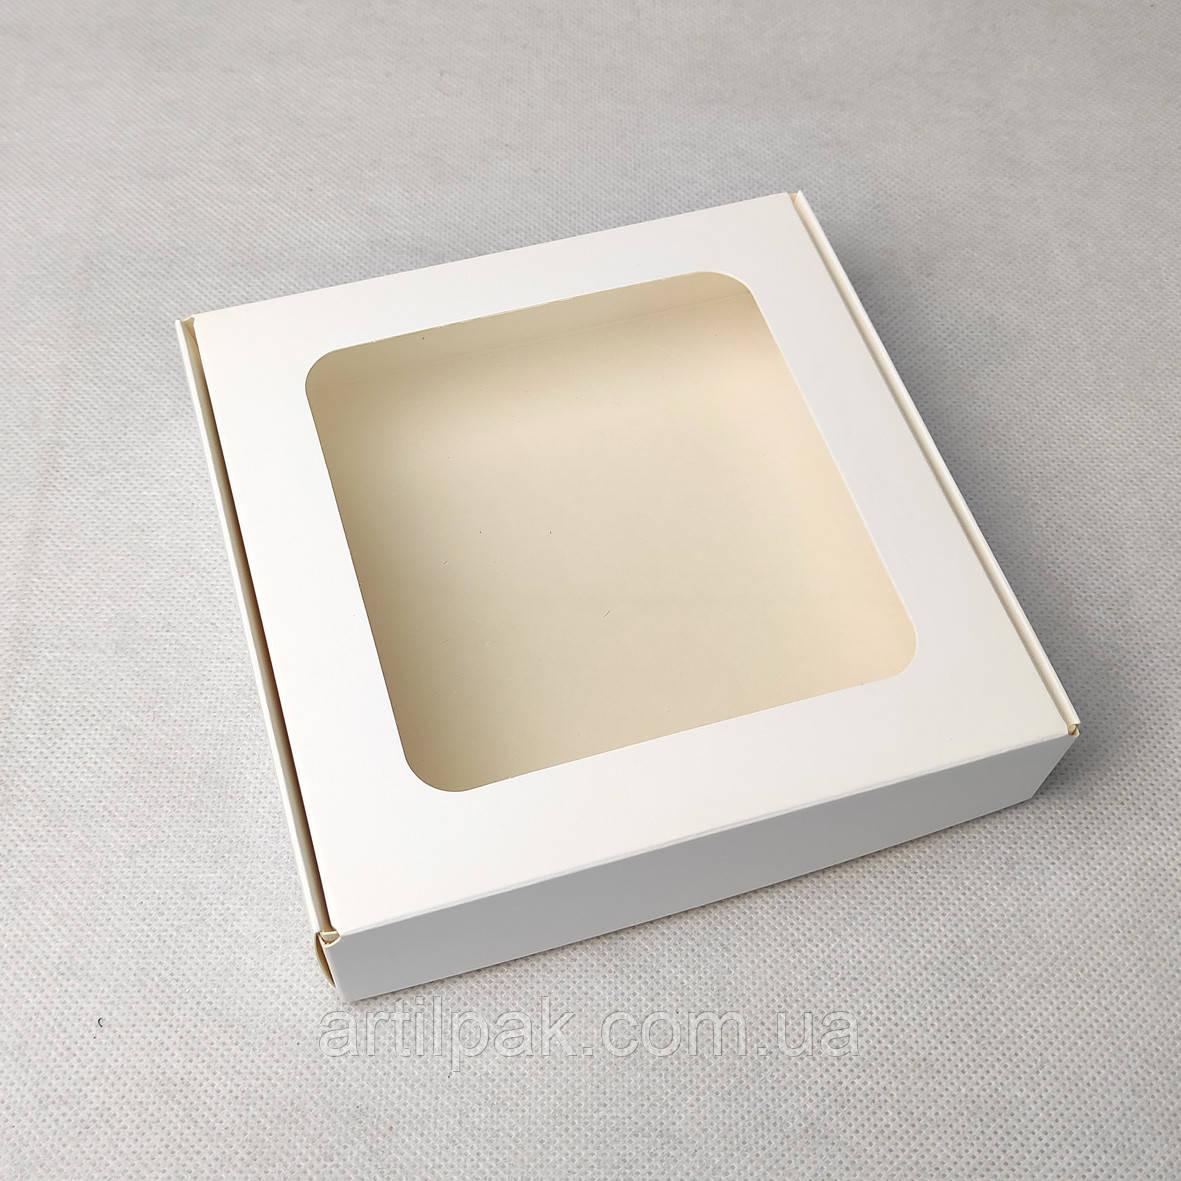 Коробка 150*150*35 з вікном БІЛА